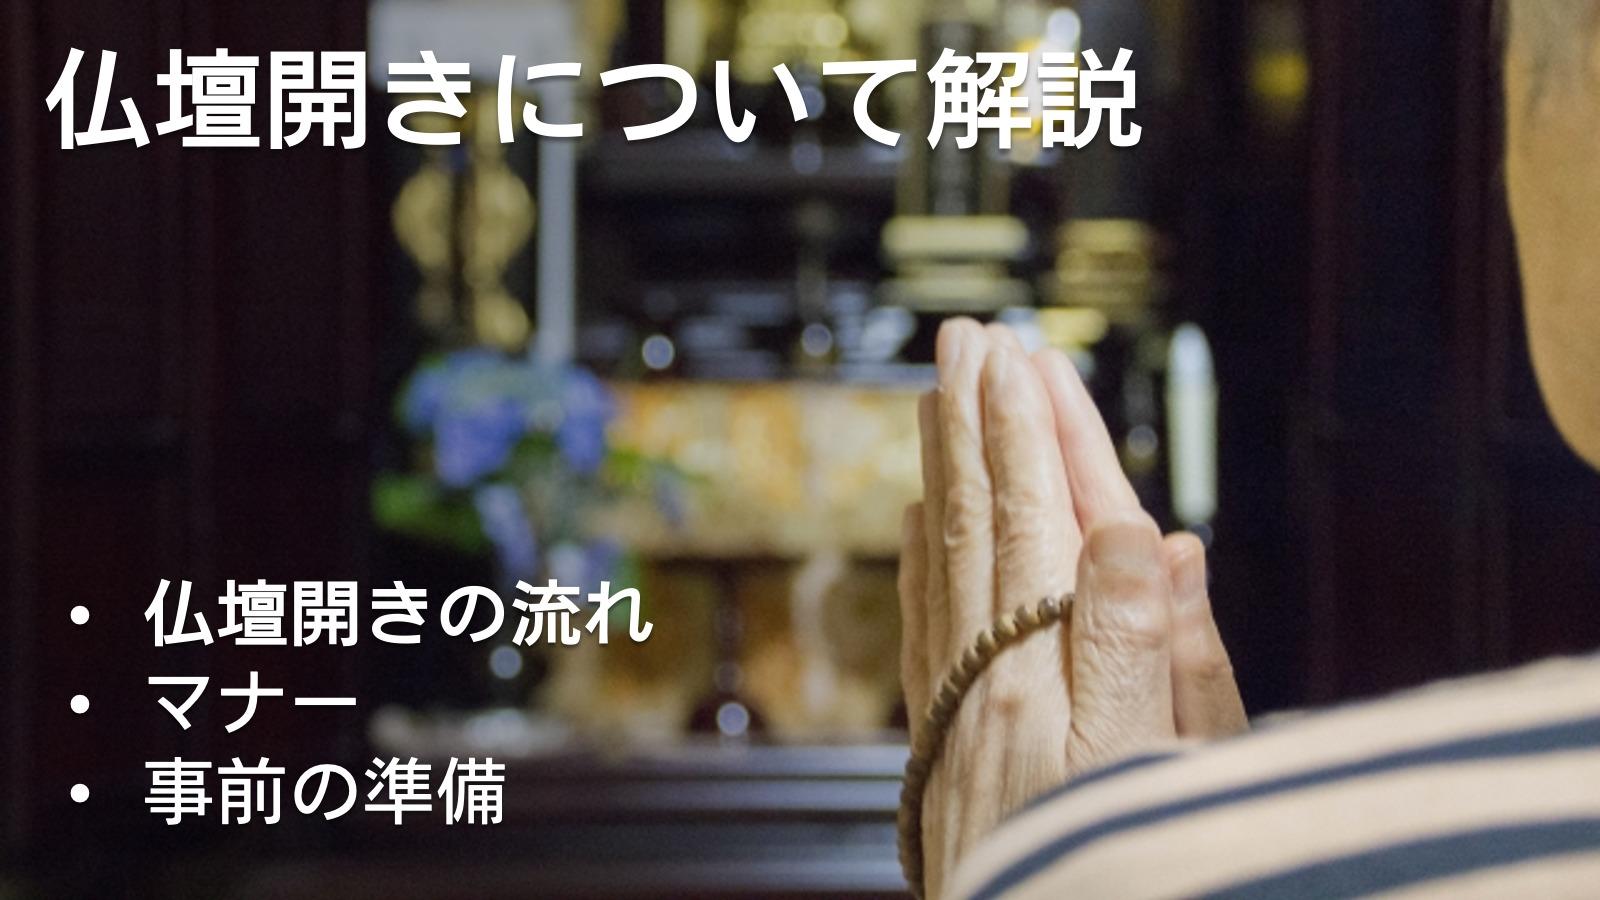 【仏壇開き】事前の準備から当日の流れ・マナーについて徹底解説!